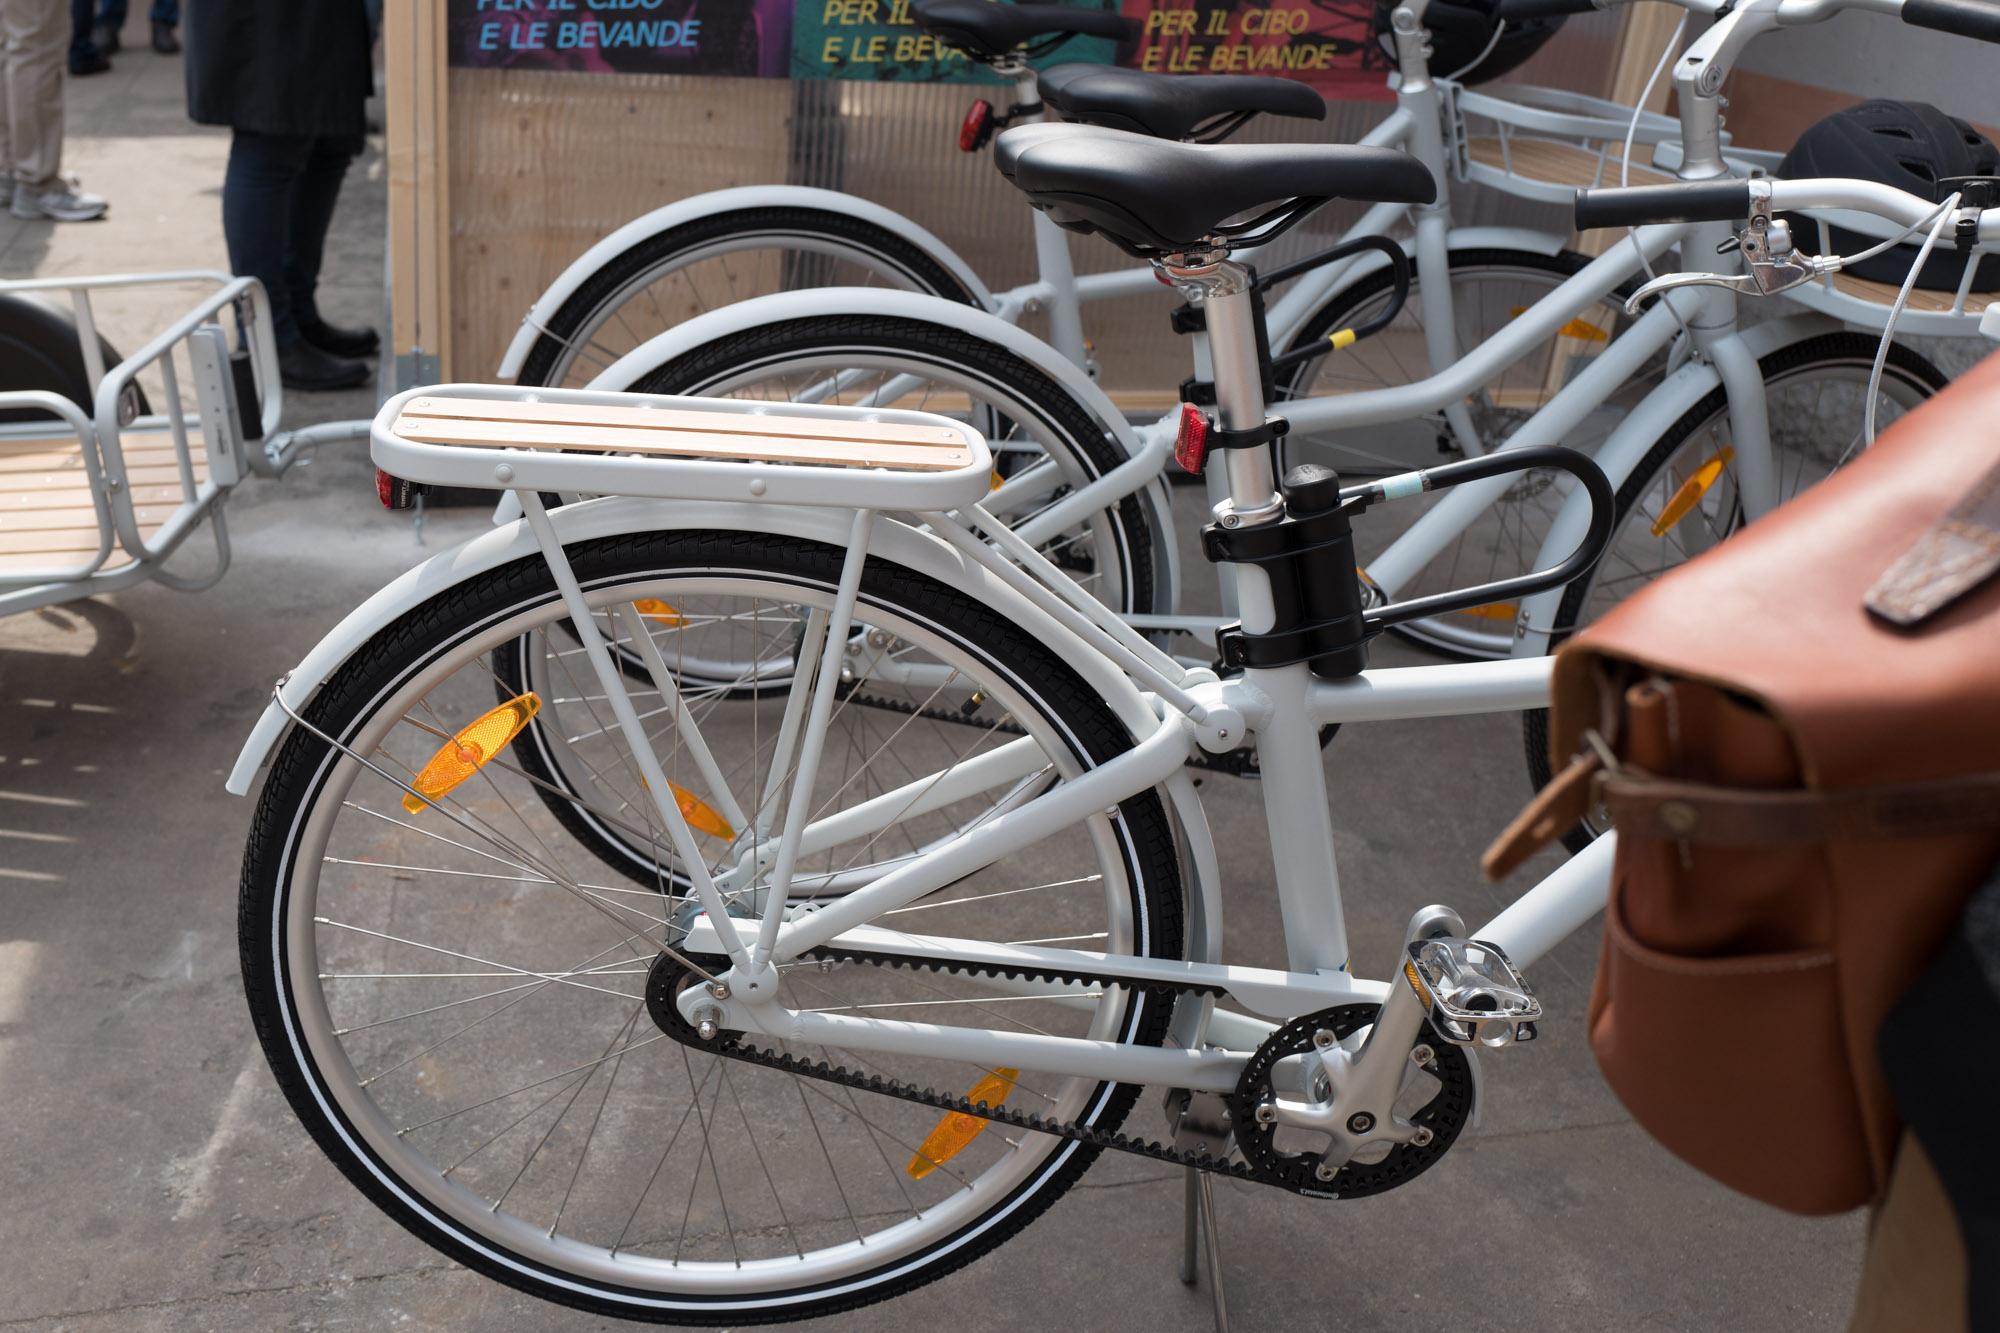 Un vélo loin d'être honteux.